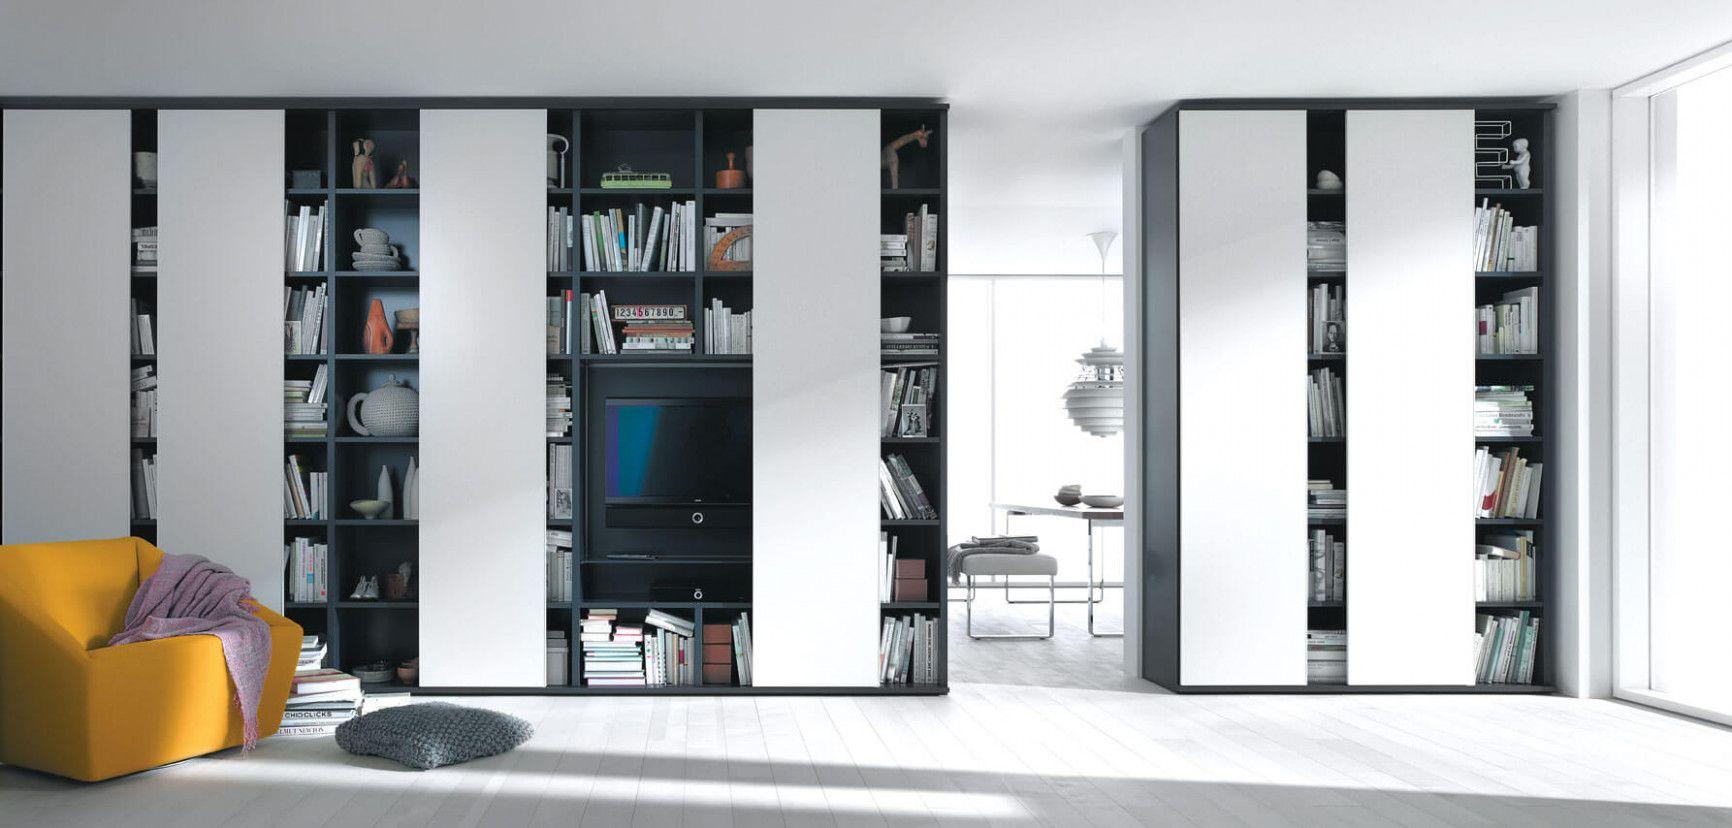 6 Wohnzimmerschrank Interlübke in 6  Interlübke, Regal mit